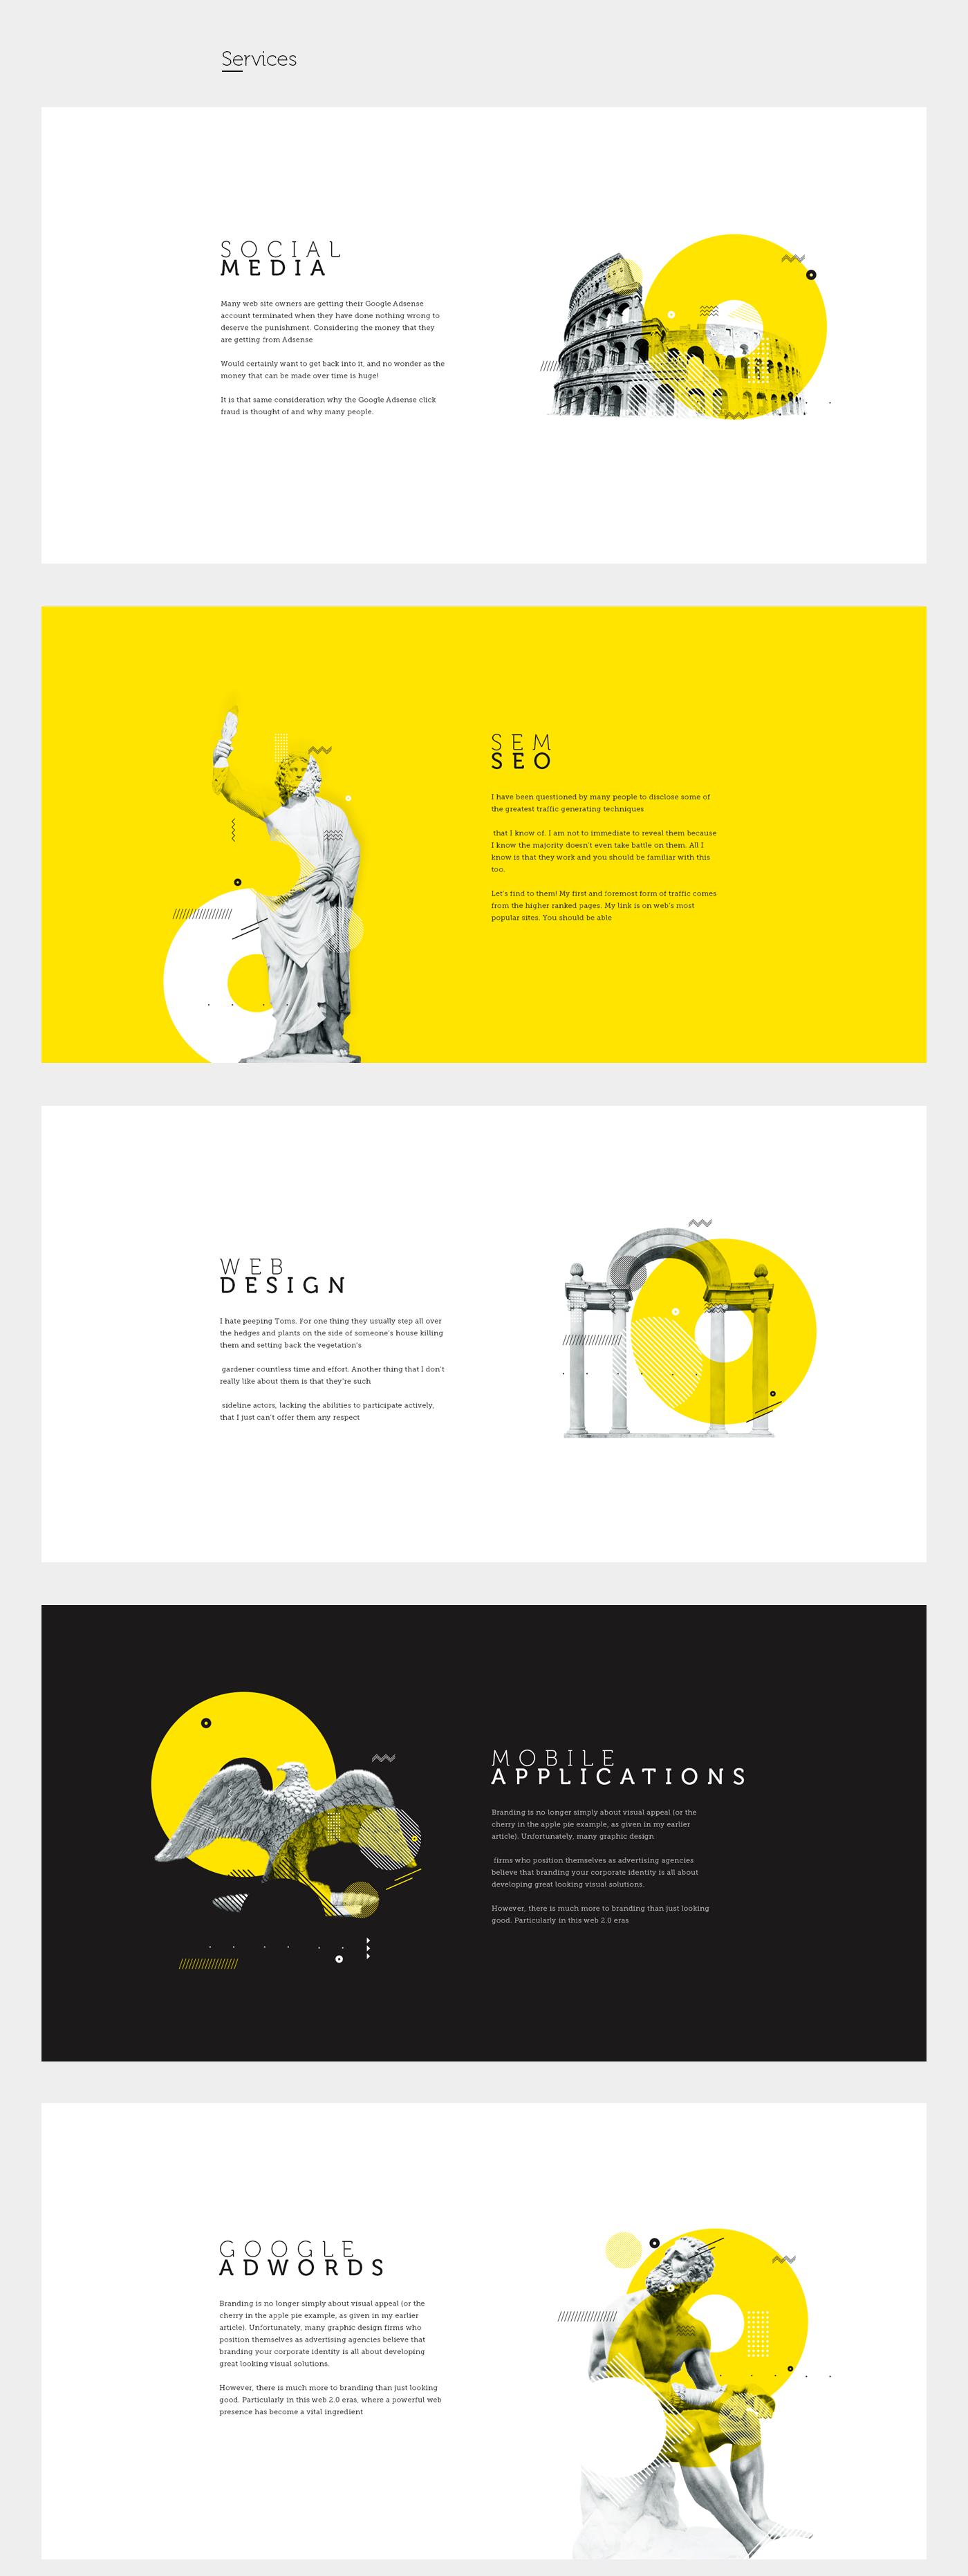 Dottopia web design for graphics services yellow website layout dottopia web design for graphics services yellow website toneelgroepblik Choice Image